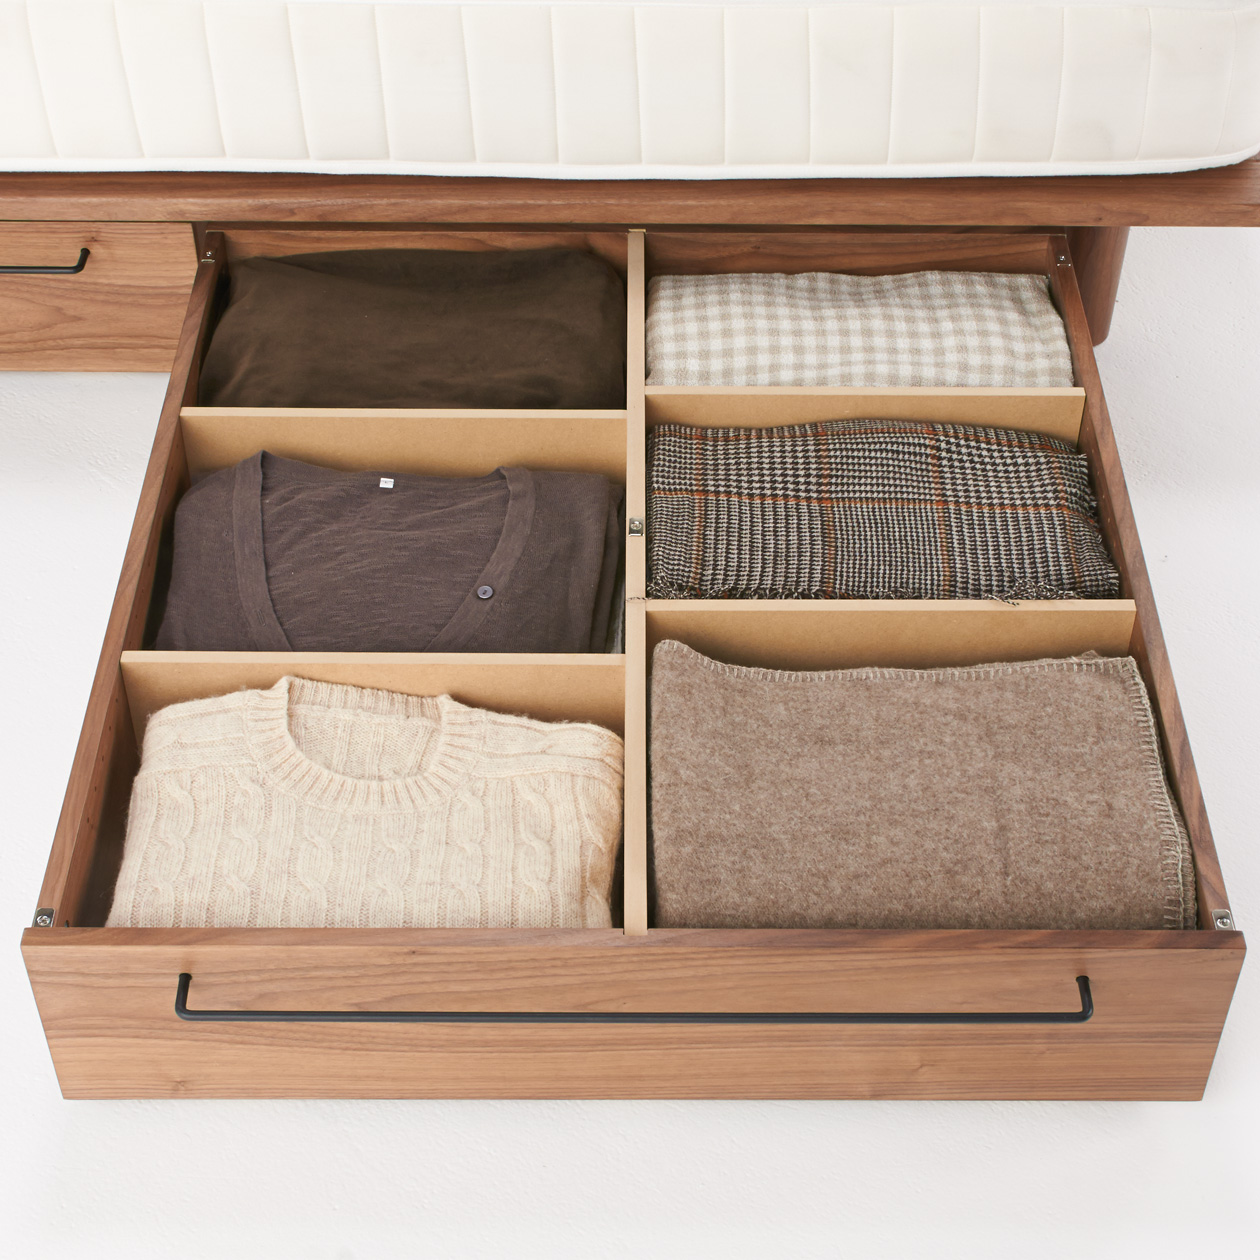 胡桃木床架用儲物地櫃 - 大   無印良品 MUJI